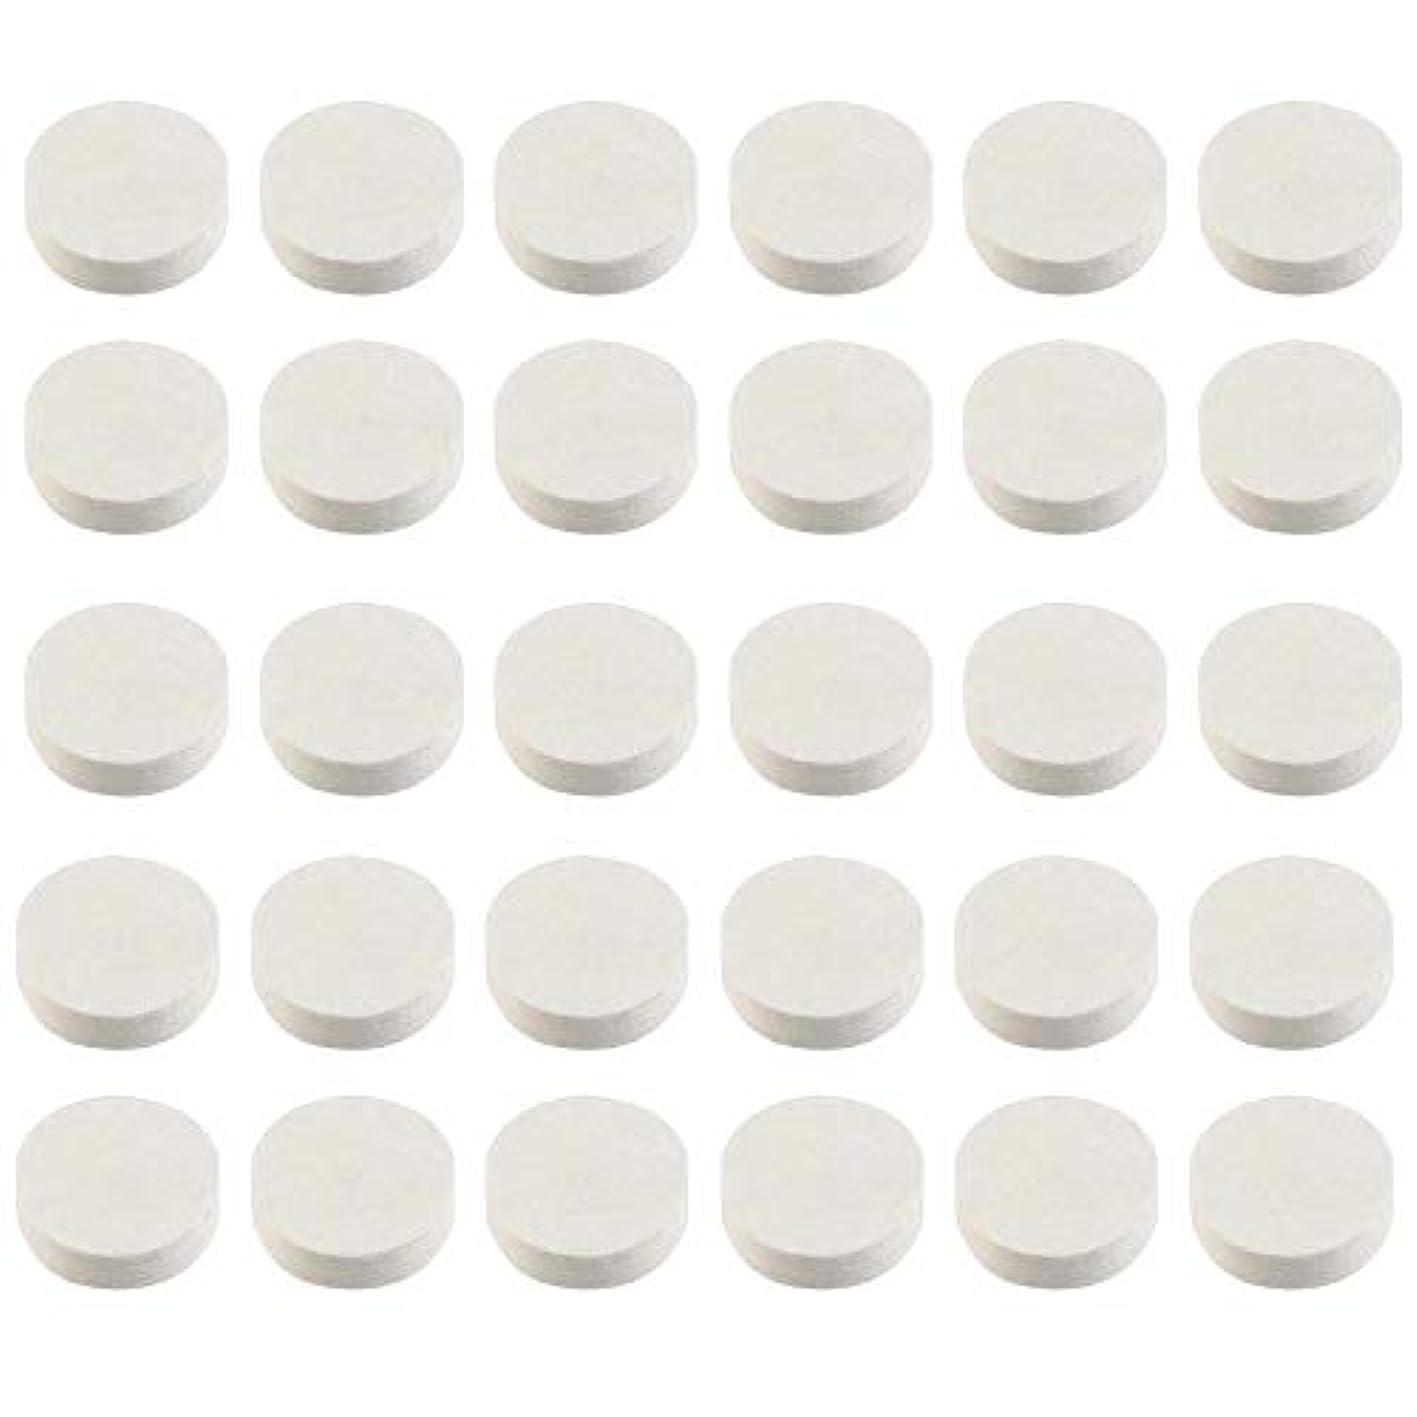 浴シュガー実現可能性30枚入り携帯便利使い捨て圧縮マスク圧縮フェイスパック圧縮マスクシートスキンケア